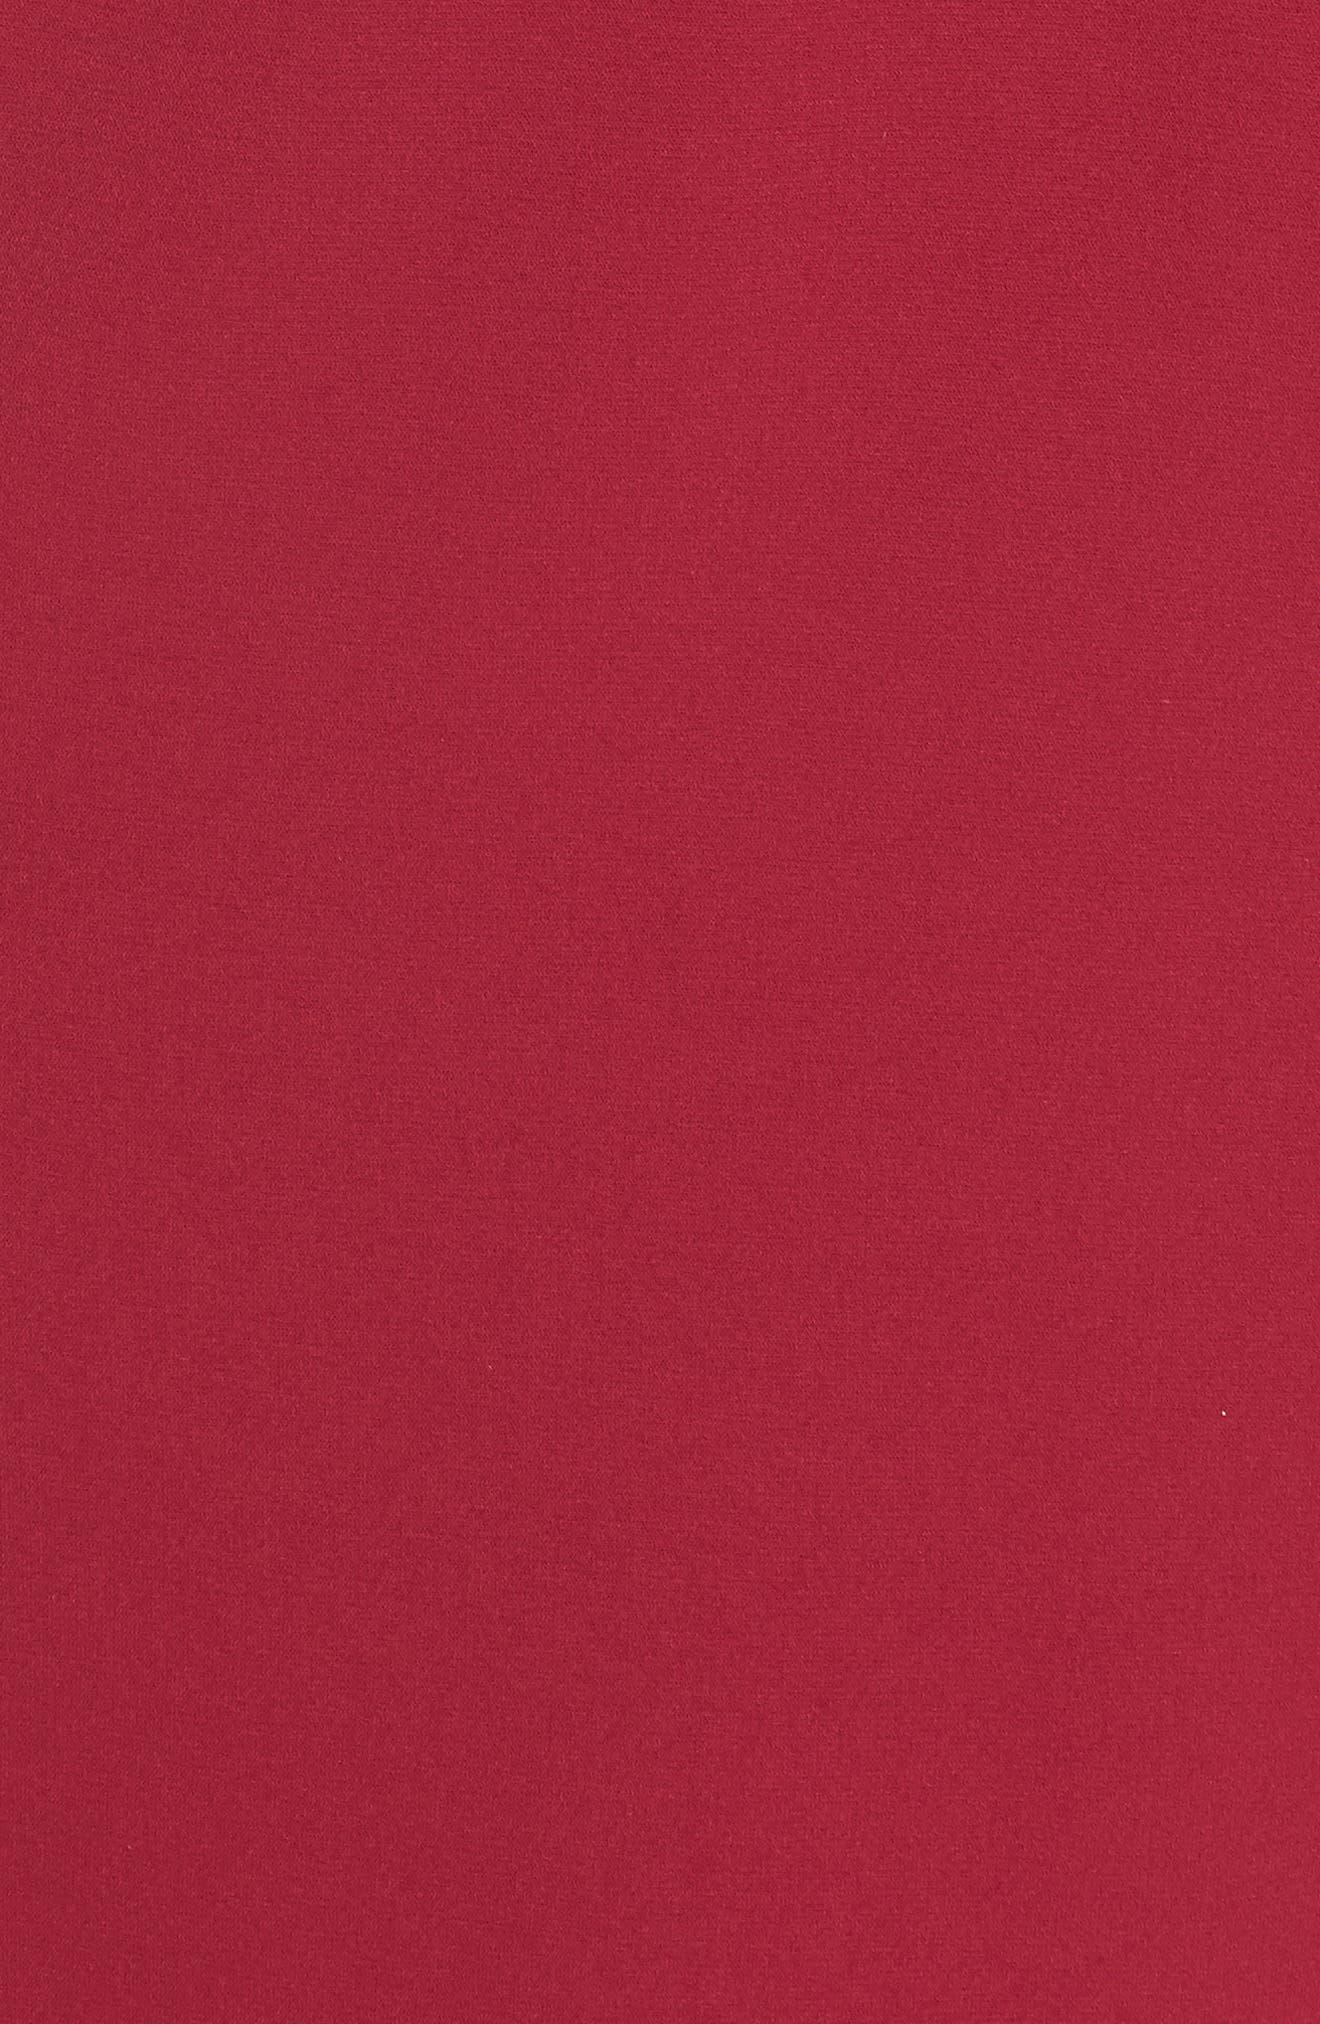 Colorblock Midi Dress,                             Alternate thumbnail 5, color,                             BLACK/ WINEBERRY